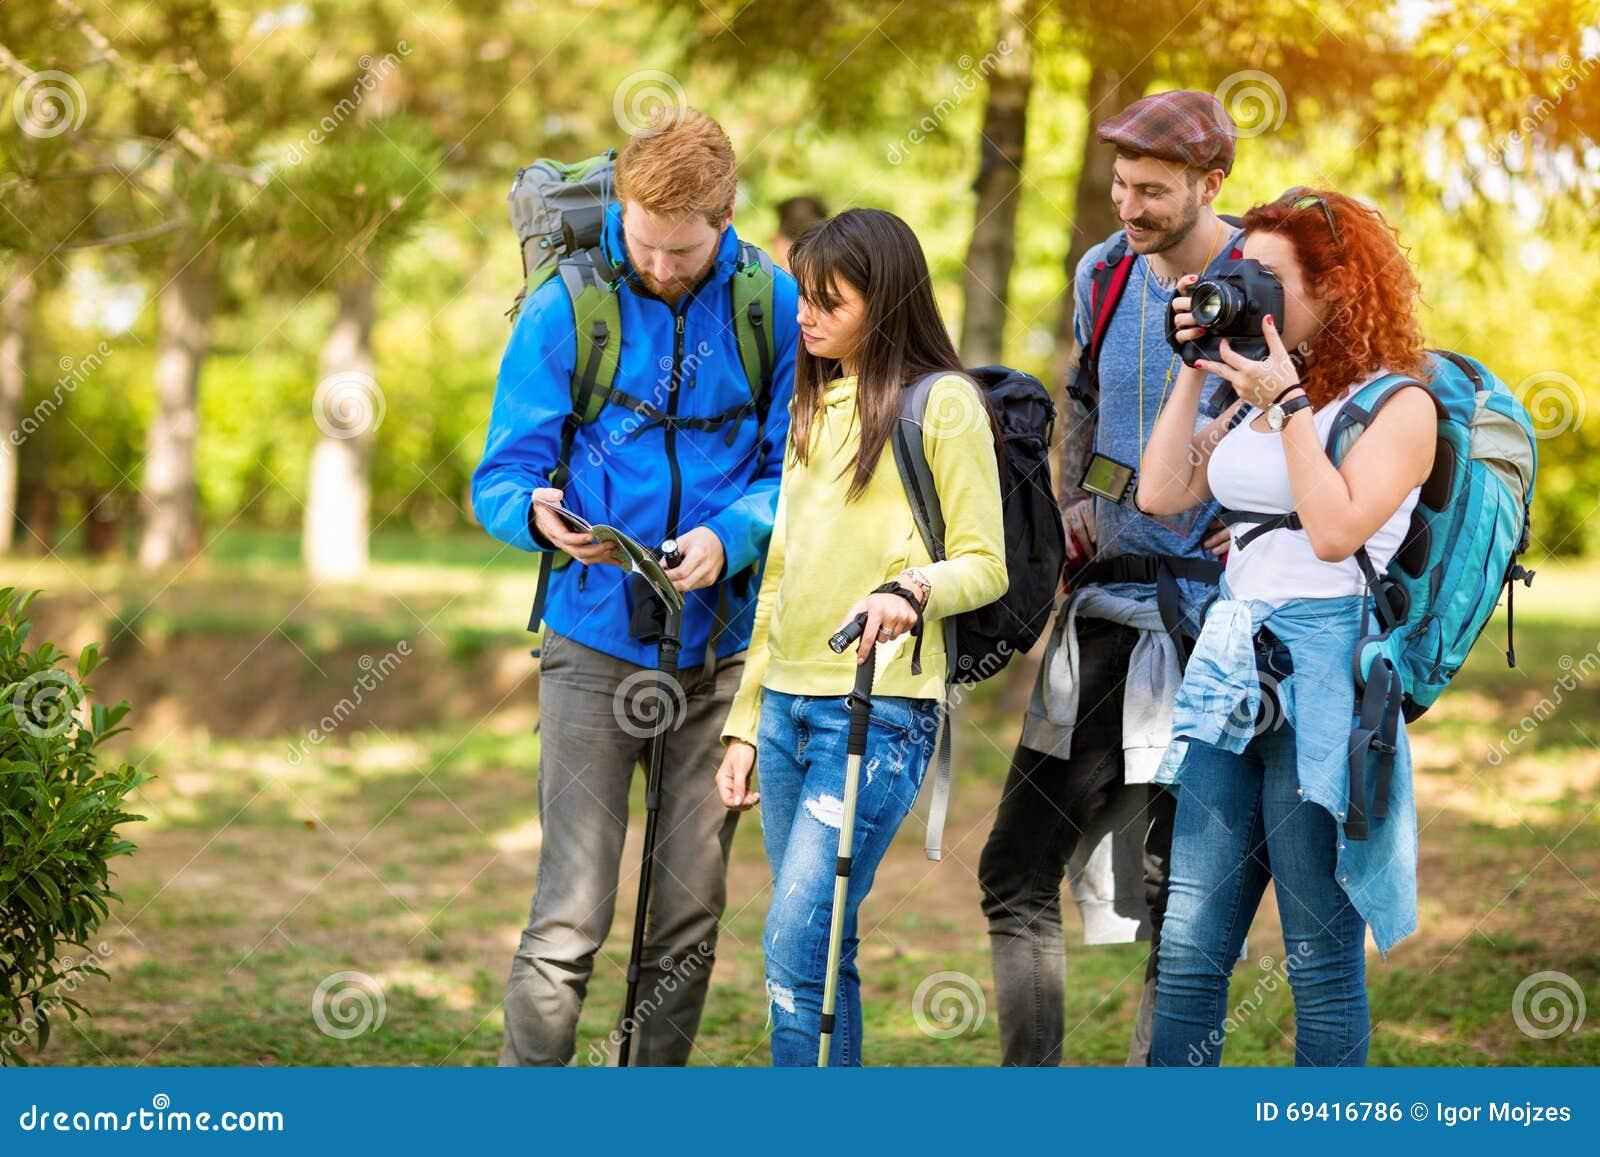 Девушка от hikers собирает фотографировать до тех пор пока другие не будут смотреть карту